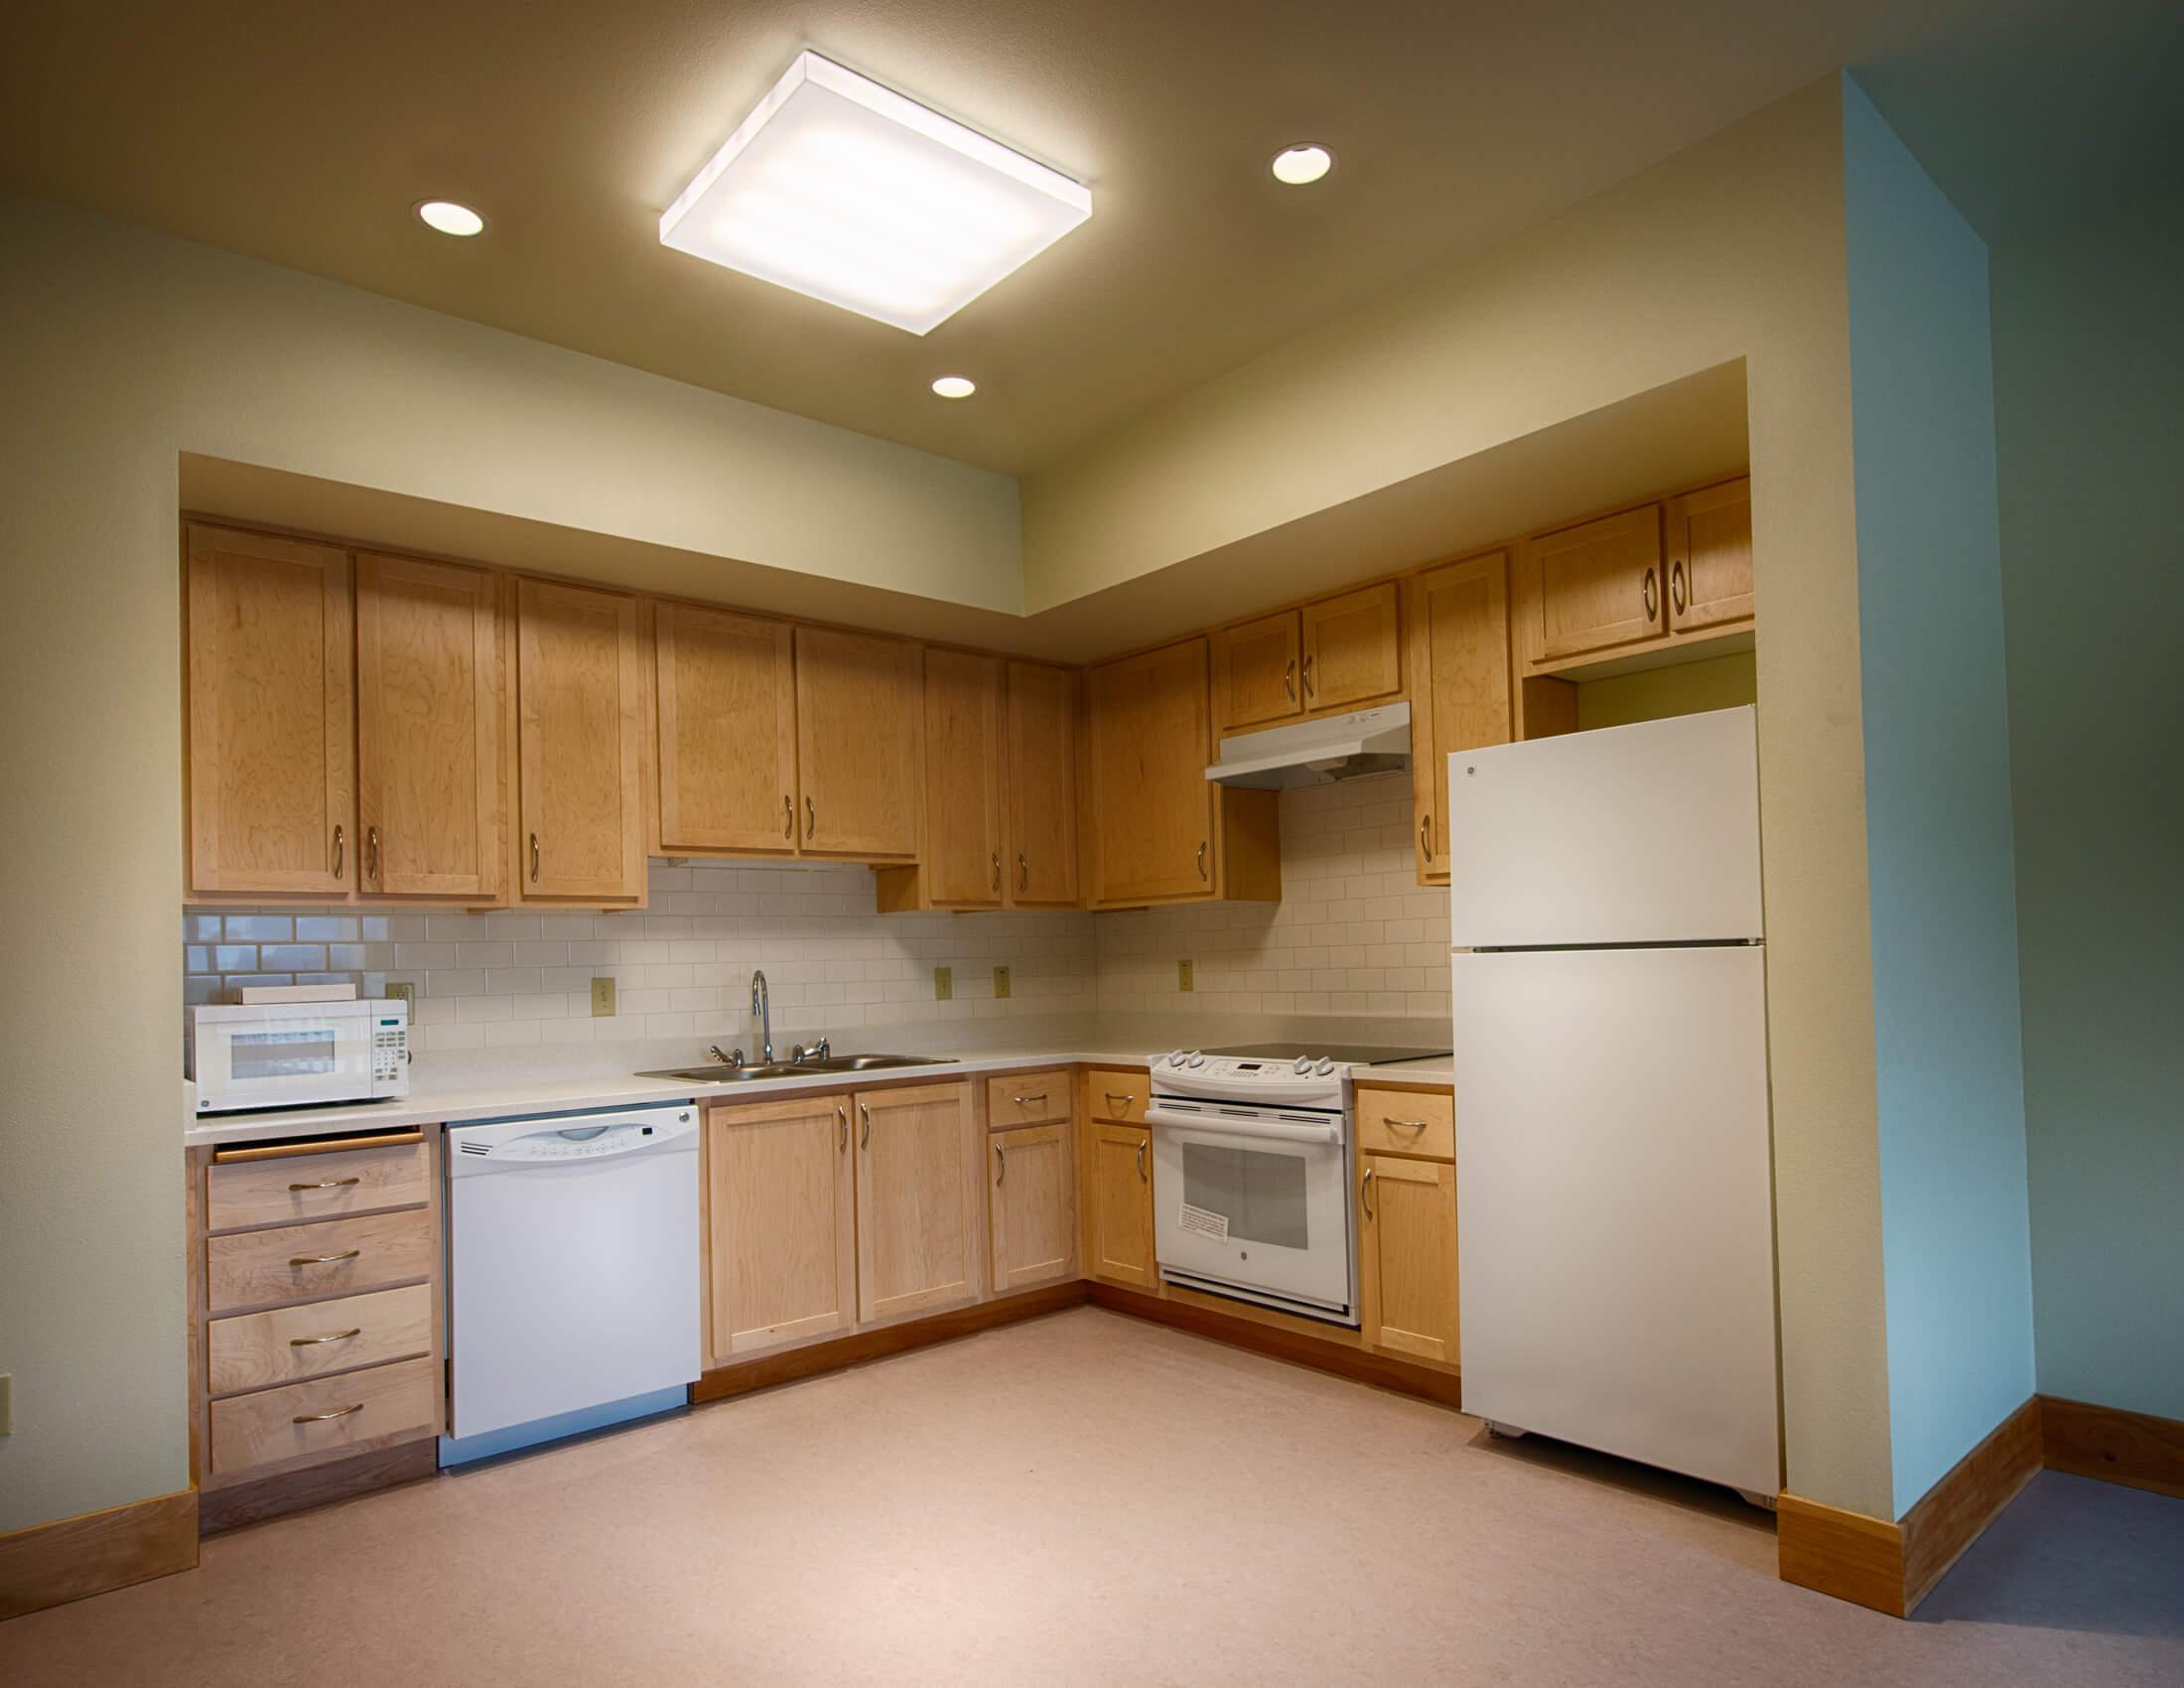 Expand Veteran's Village Kitchen Interior